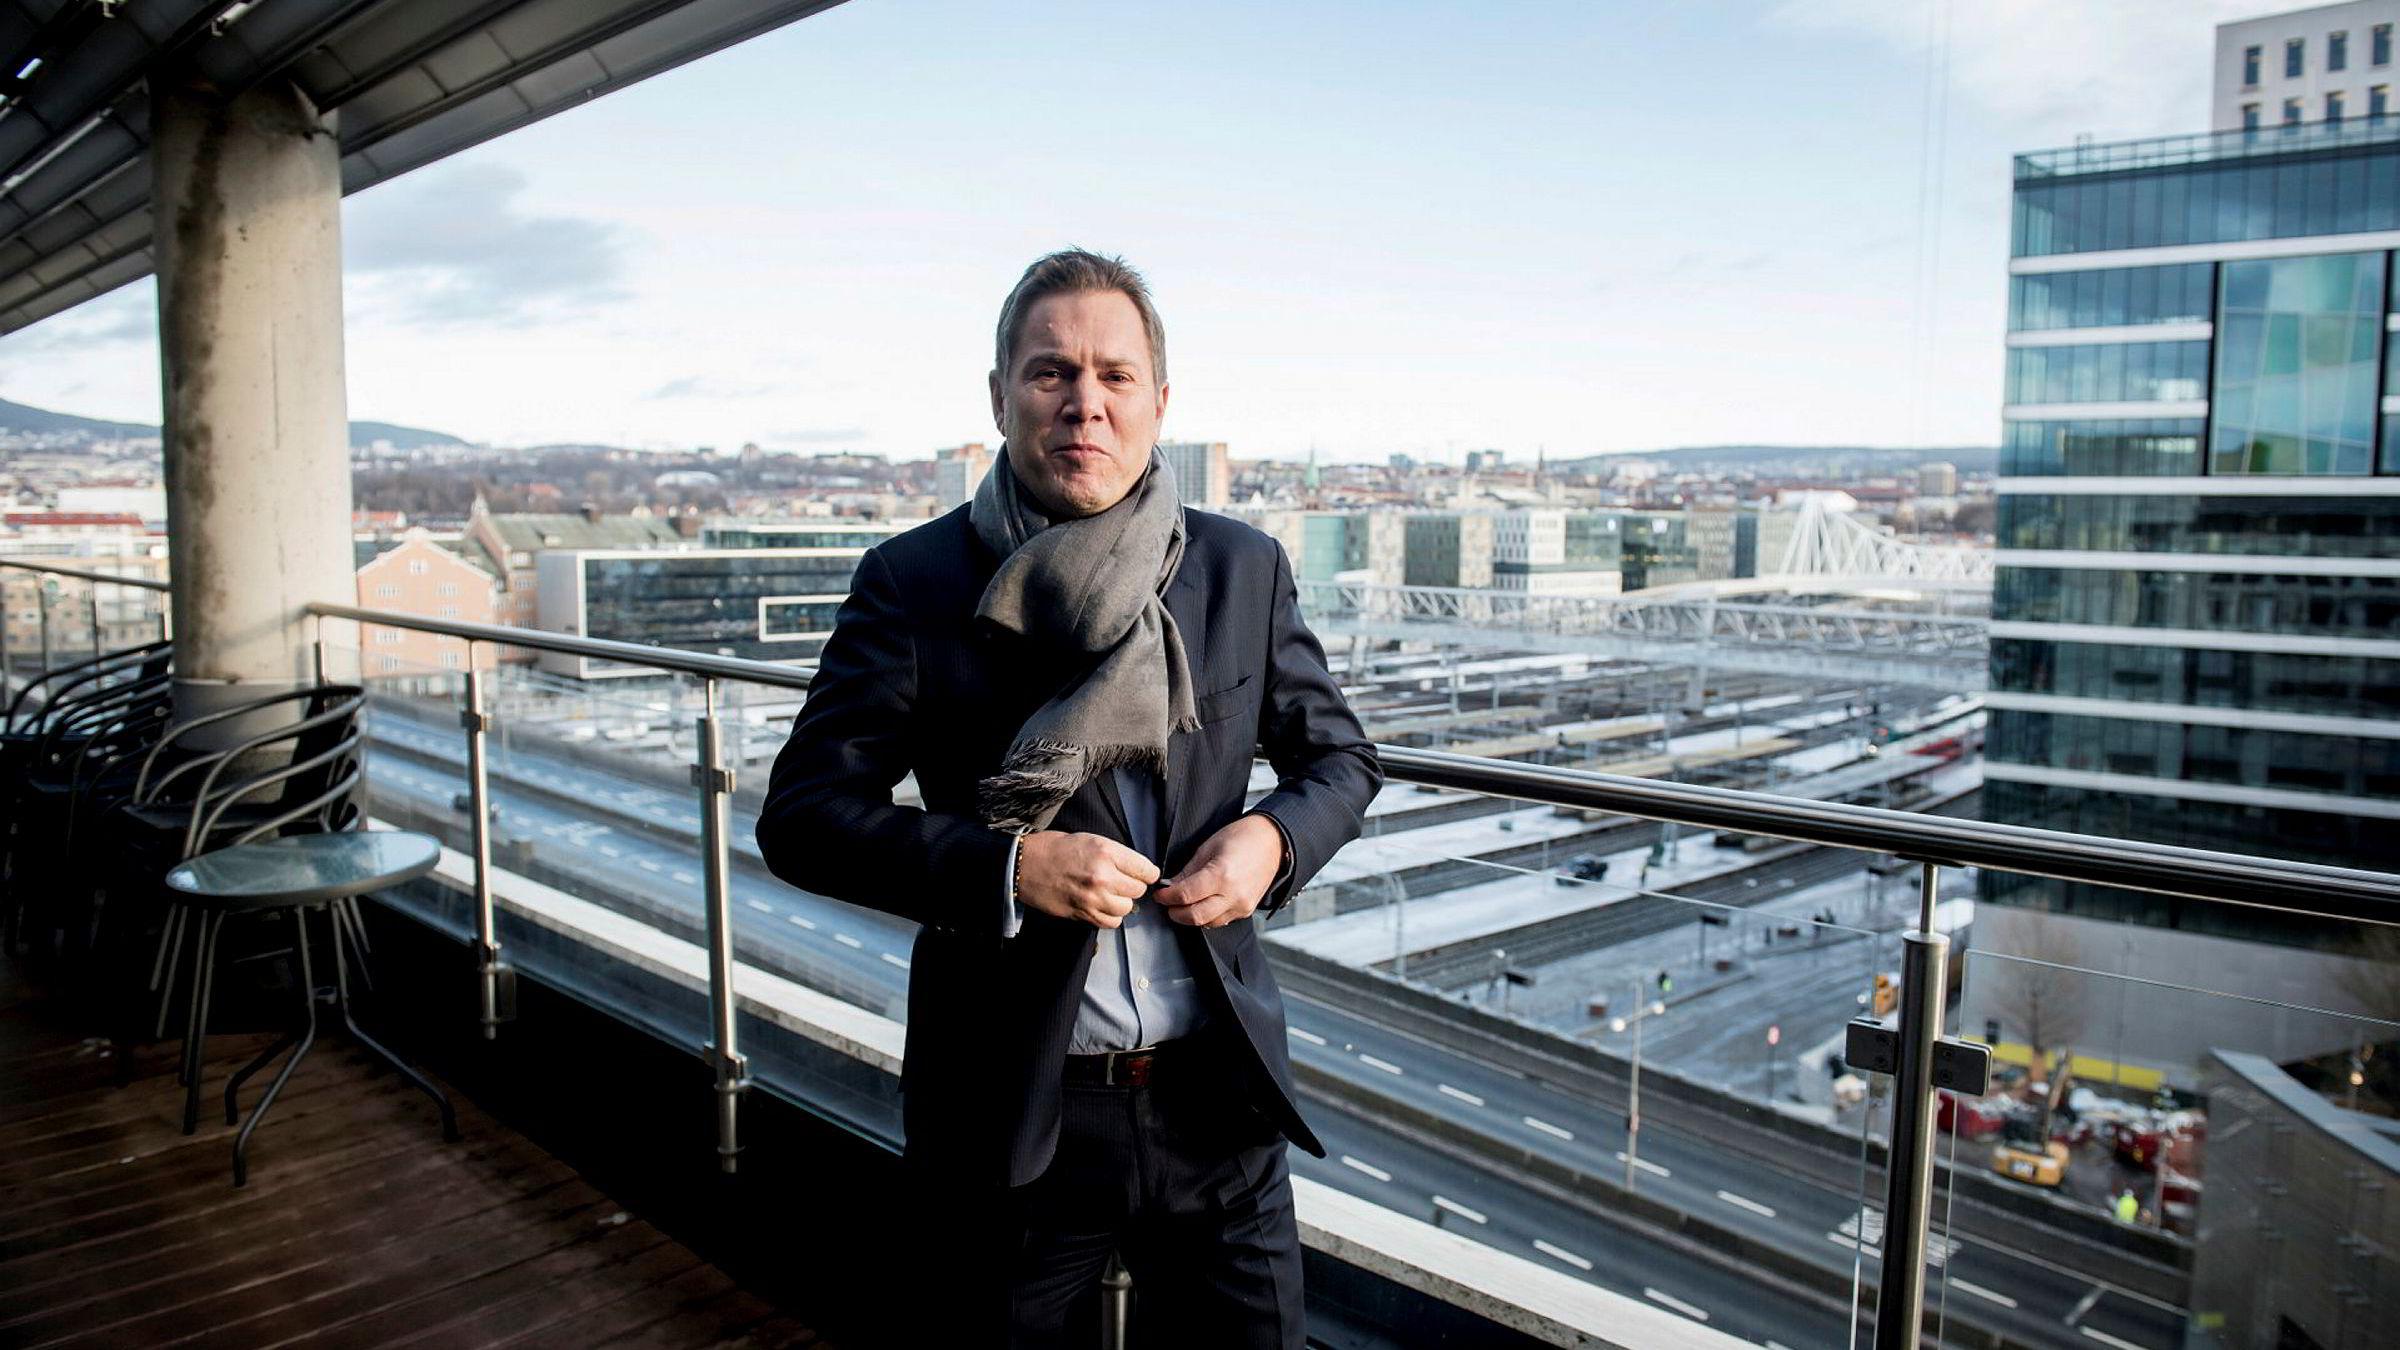 Joakim Marstrander, leder for advokatene i EY, har fått gjennomført en undersøkelse som viser at kundene reagerer på høye timepriser fra advokatstanden. De best betalte partnerne har hatt en lønnsvekt på inntil 50 prosent i en femårsperiode.